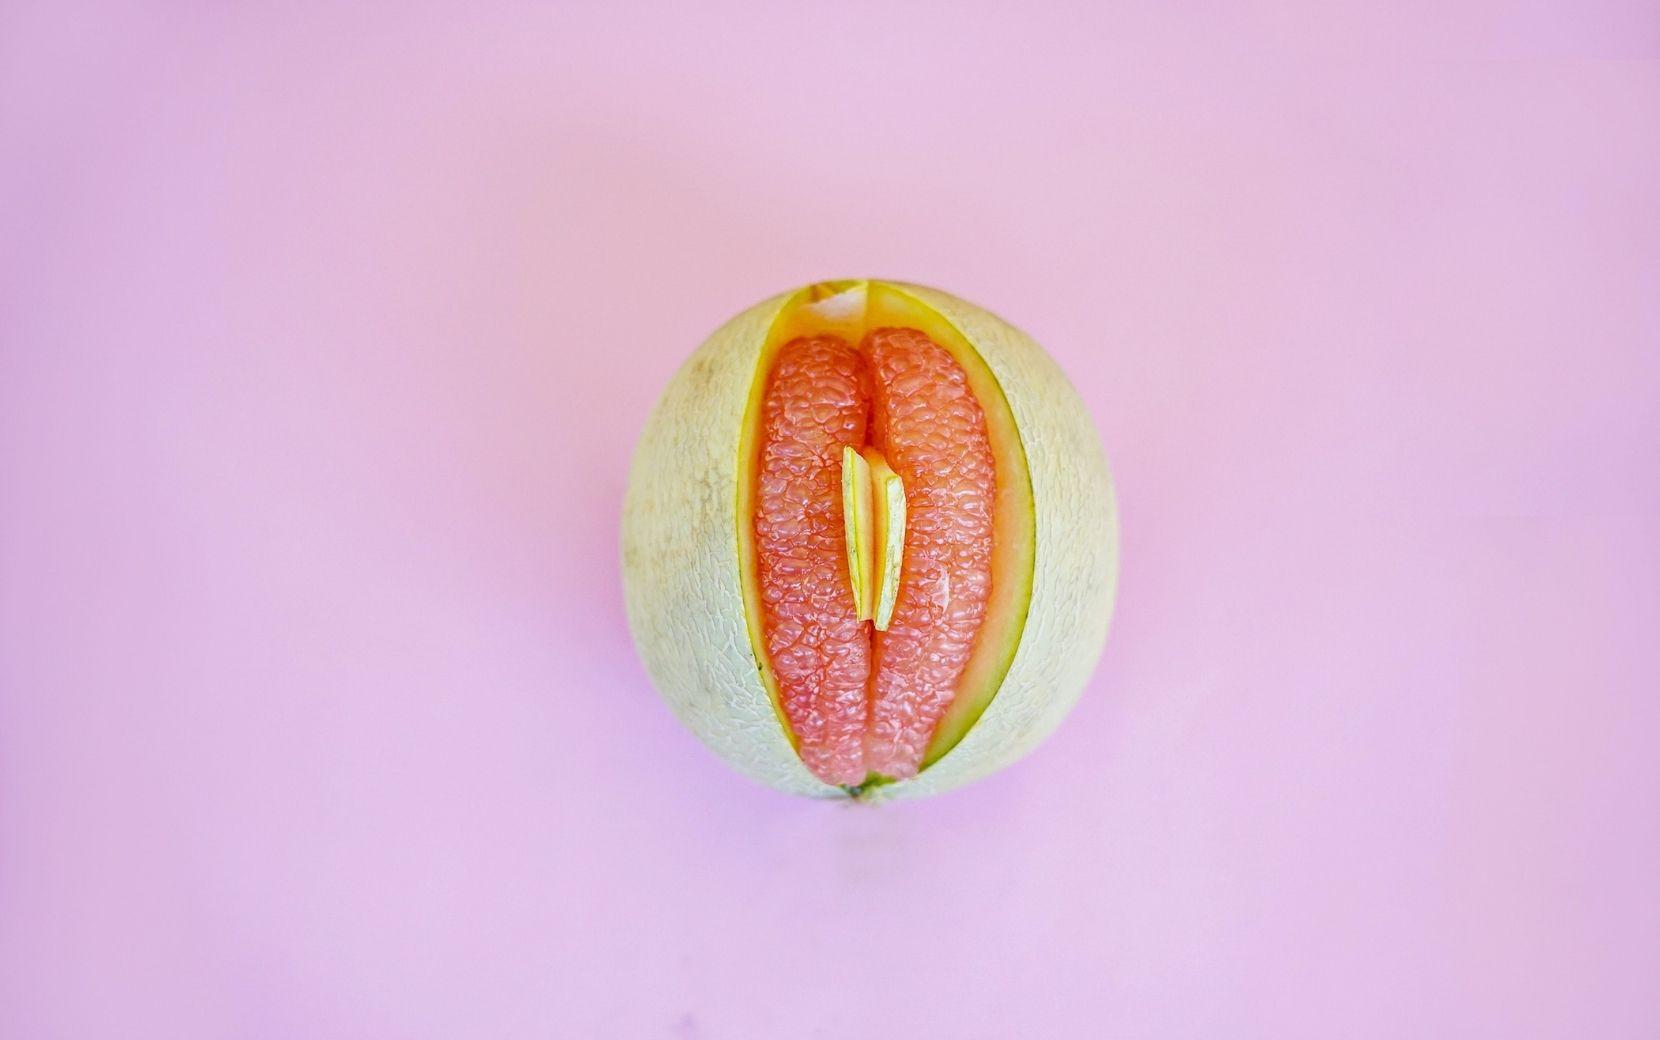 5 verdades sobre relacionamentos e sexo que você precisa saber